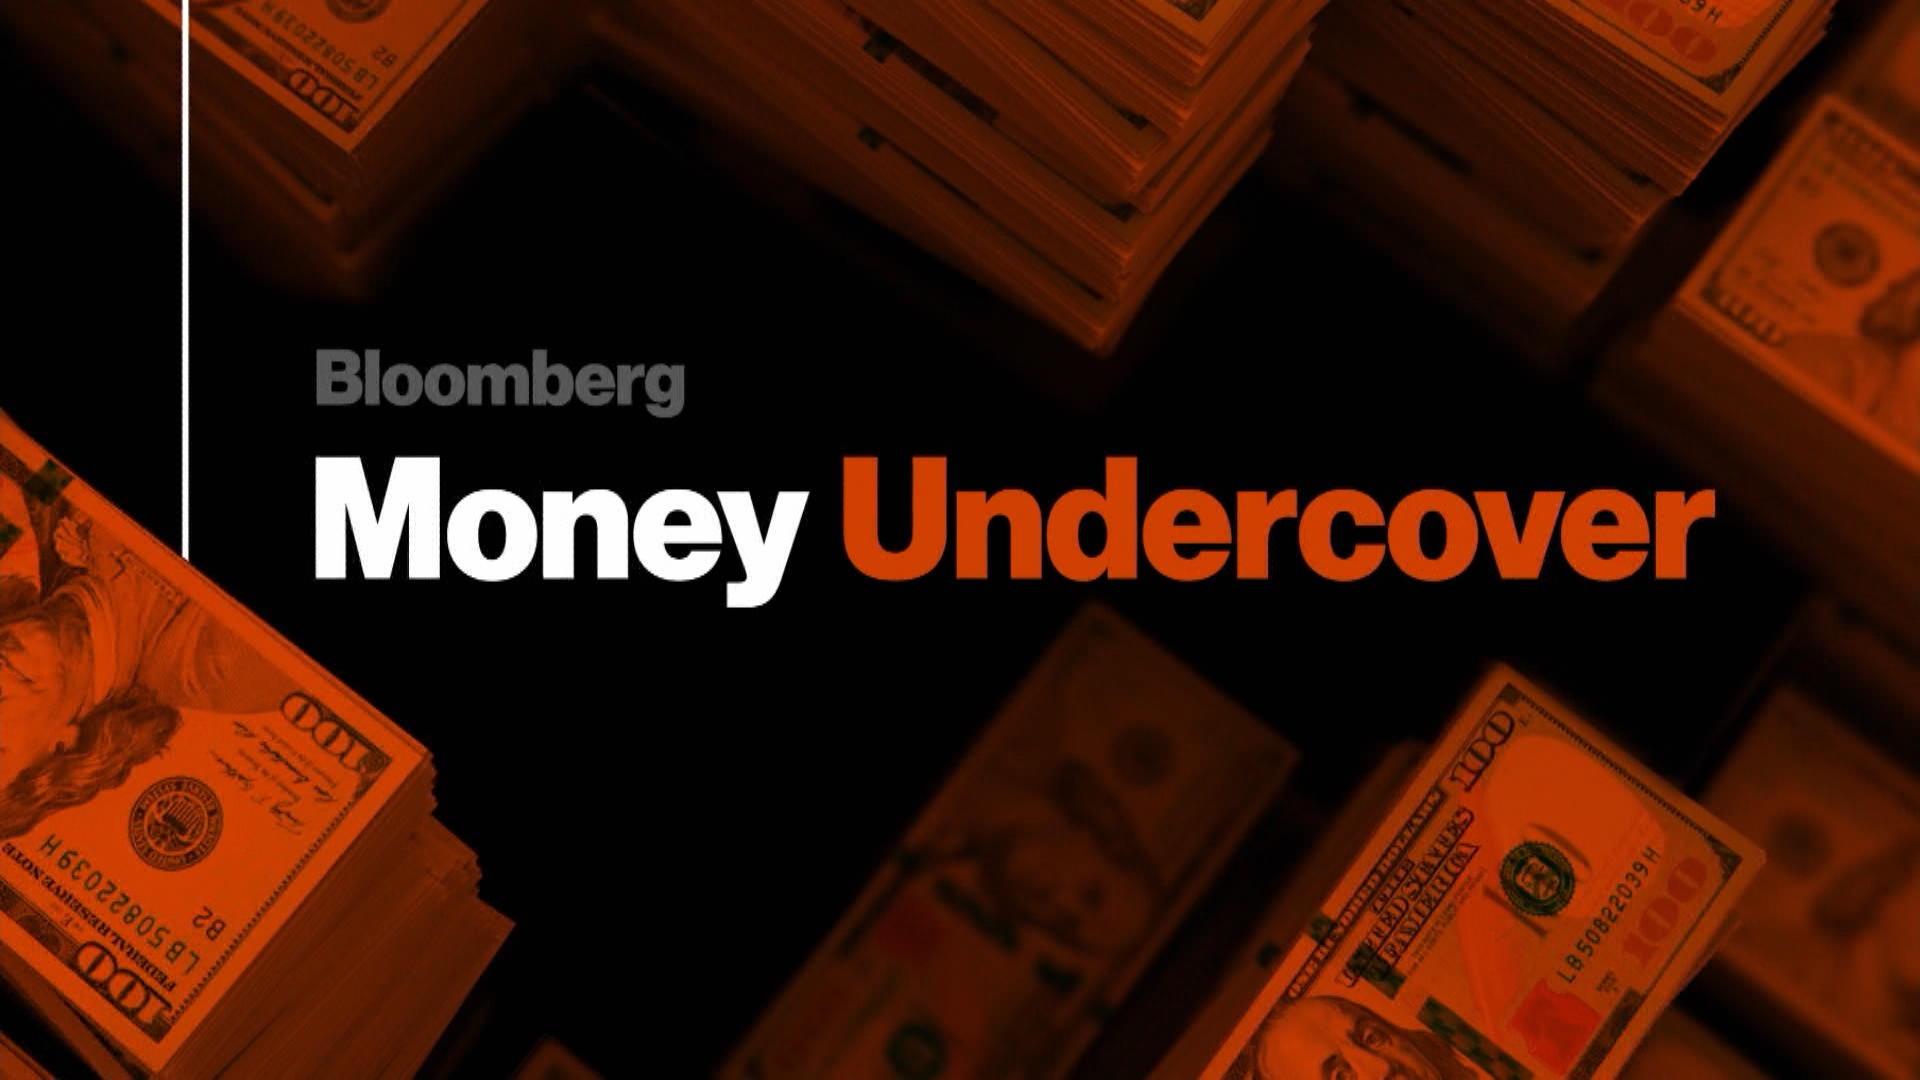 Bloomberg Money Undercover (10/15/2019) FULL SHOW